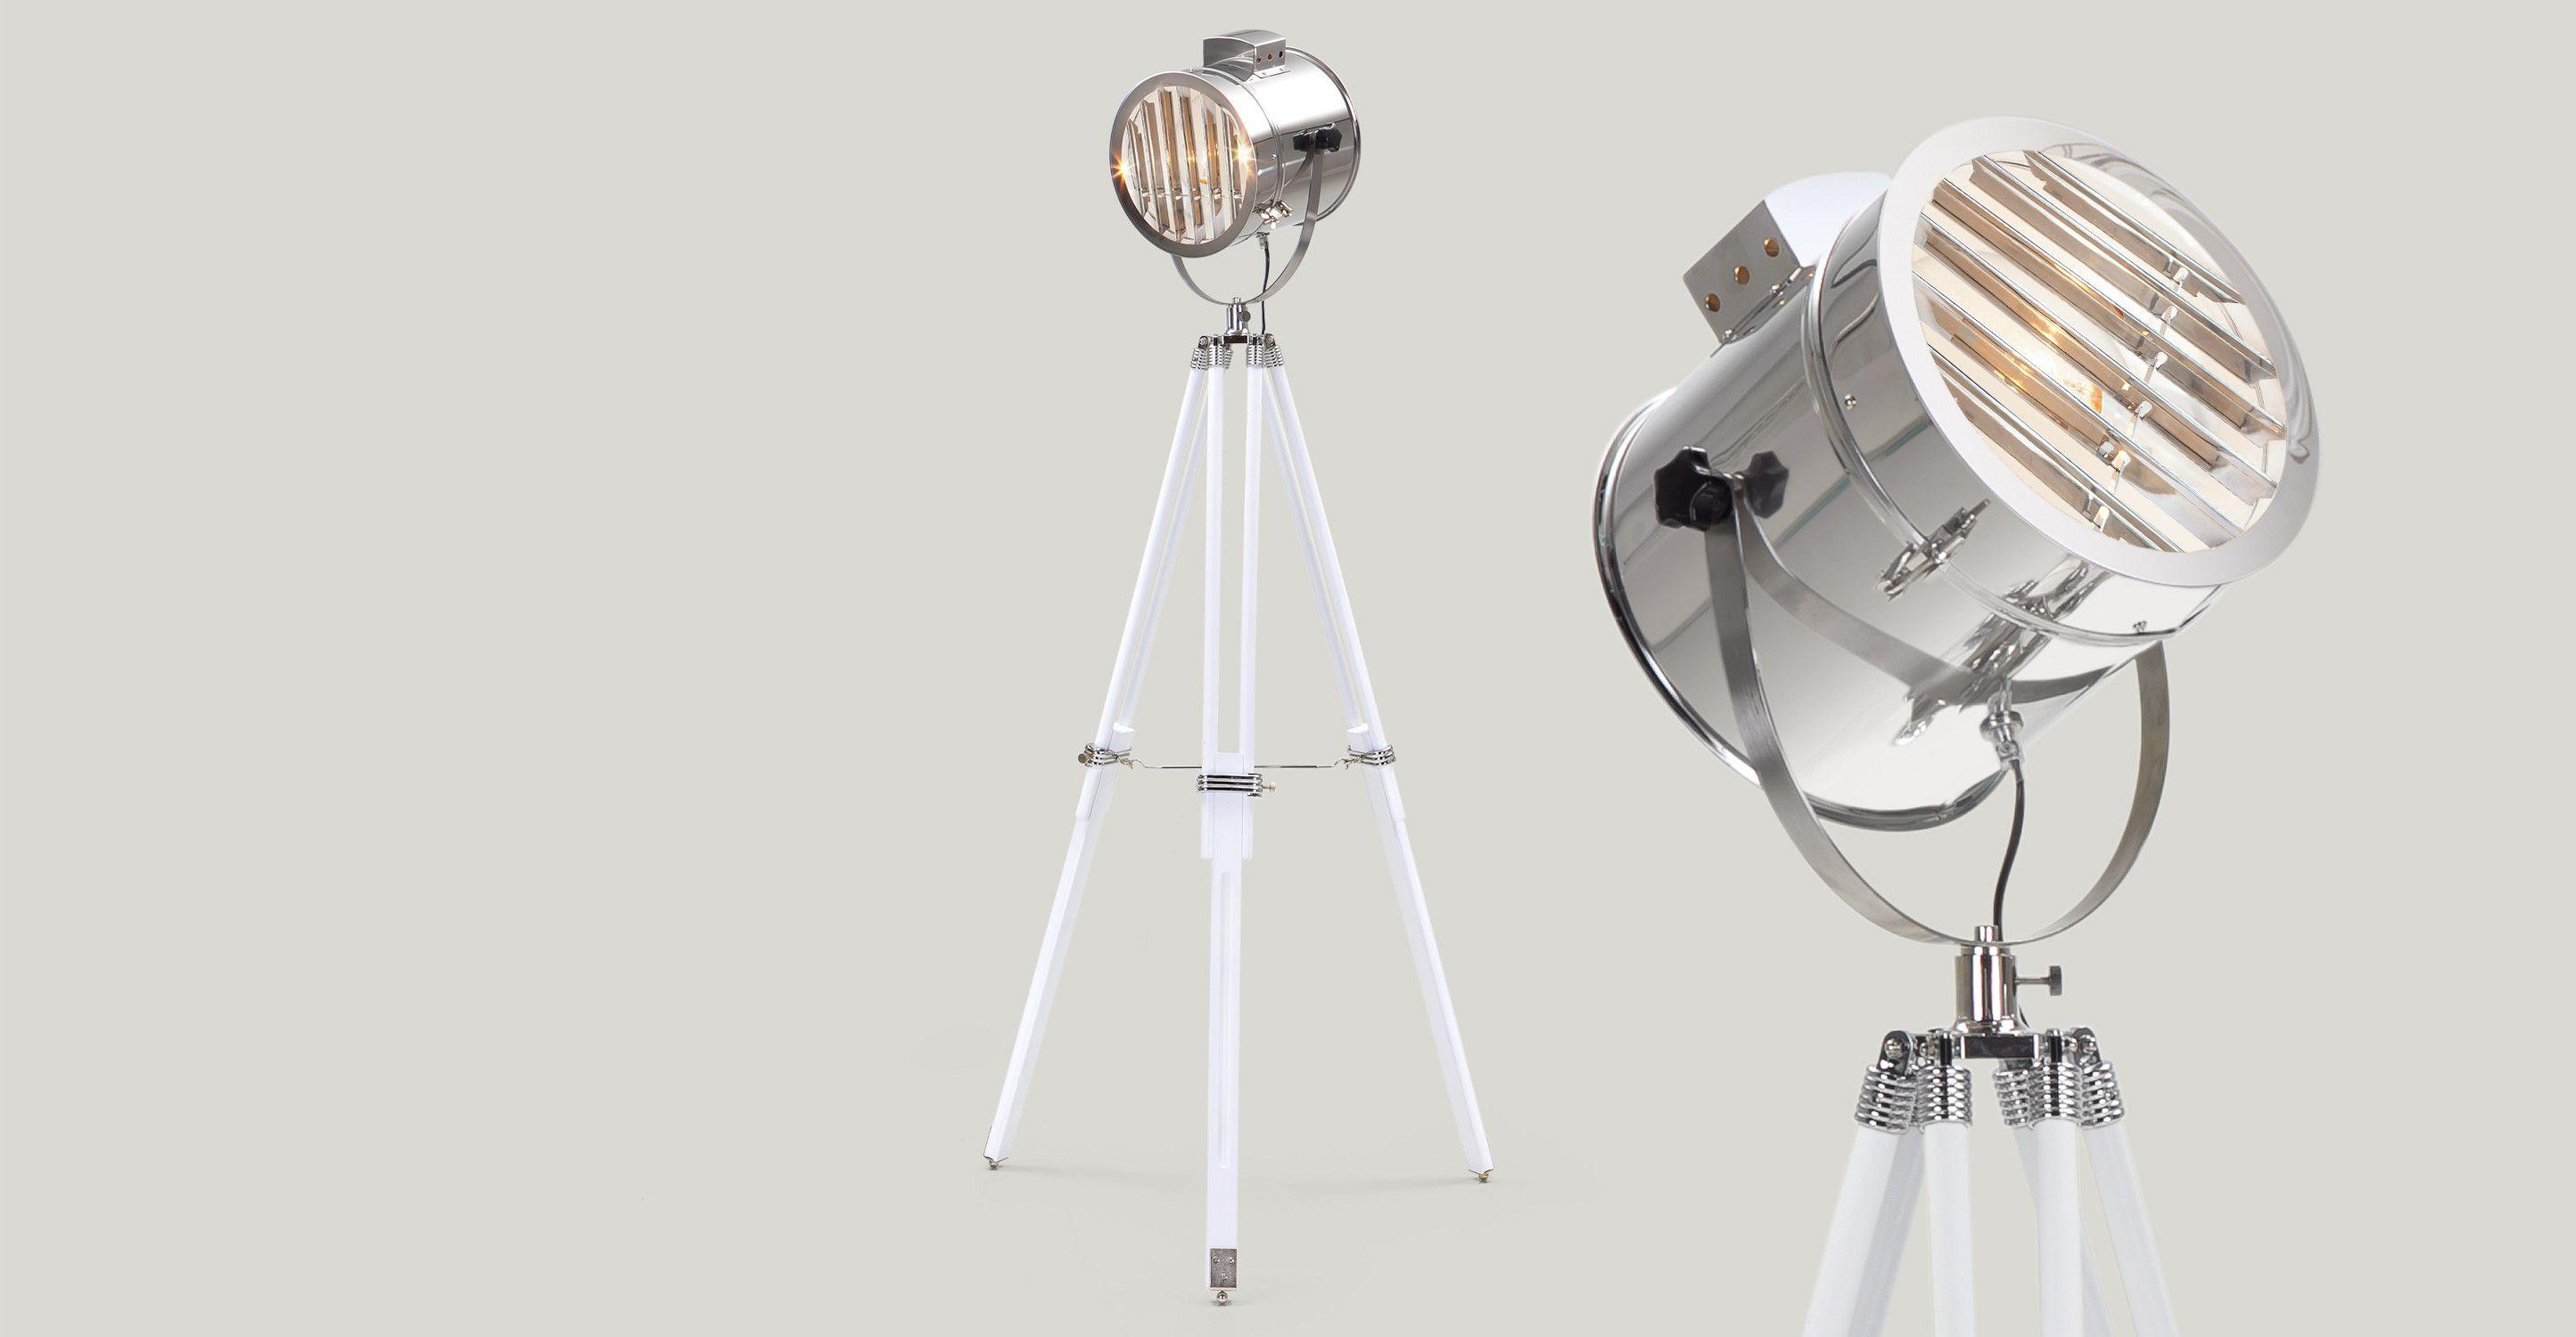 de verstelbare alfred staande lamp met driepoot haalt zijn